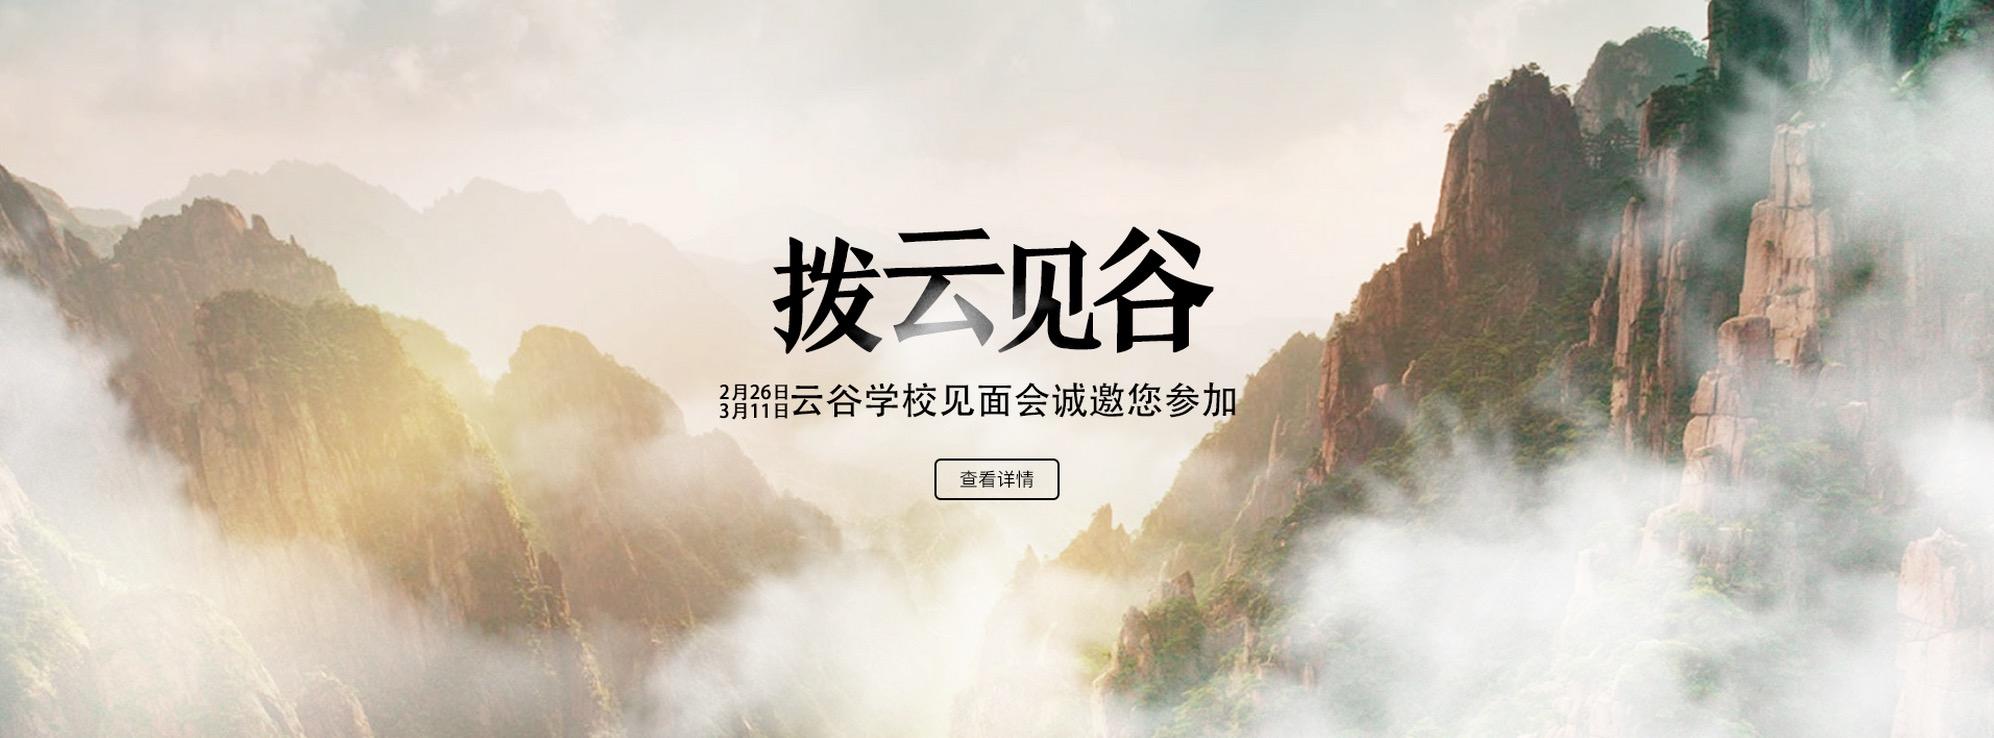 """阿里合伙人投资13亿元创办云谷国际学校,马云担任""""谷主"""""""